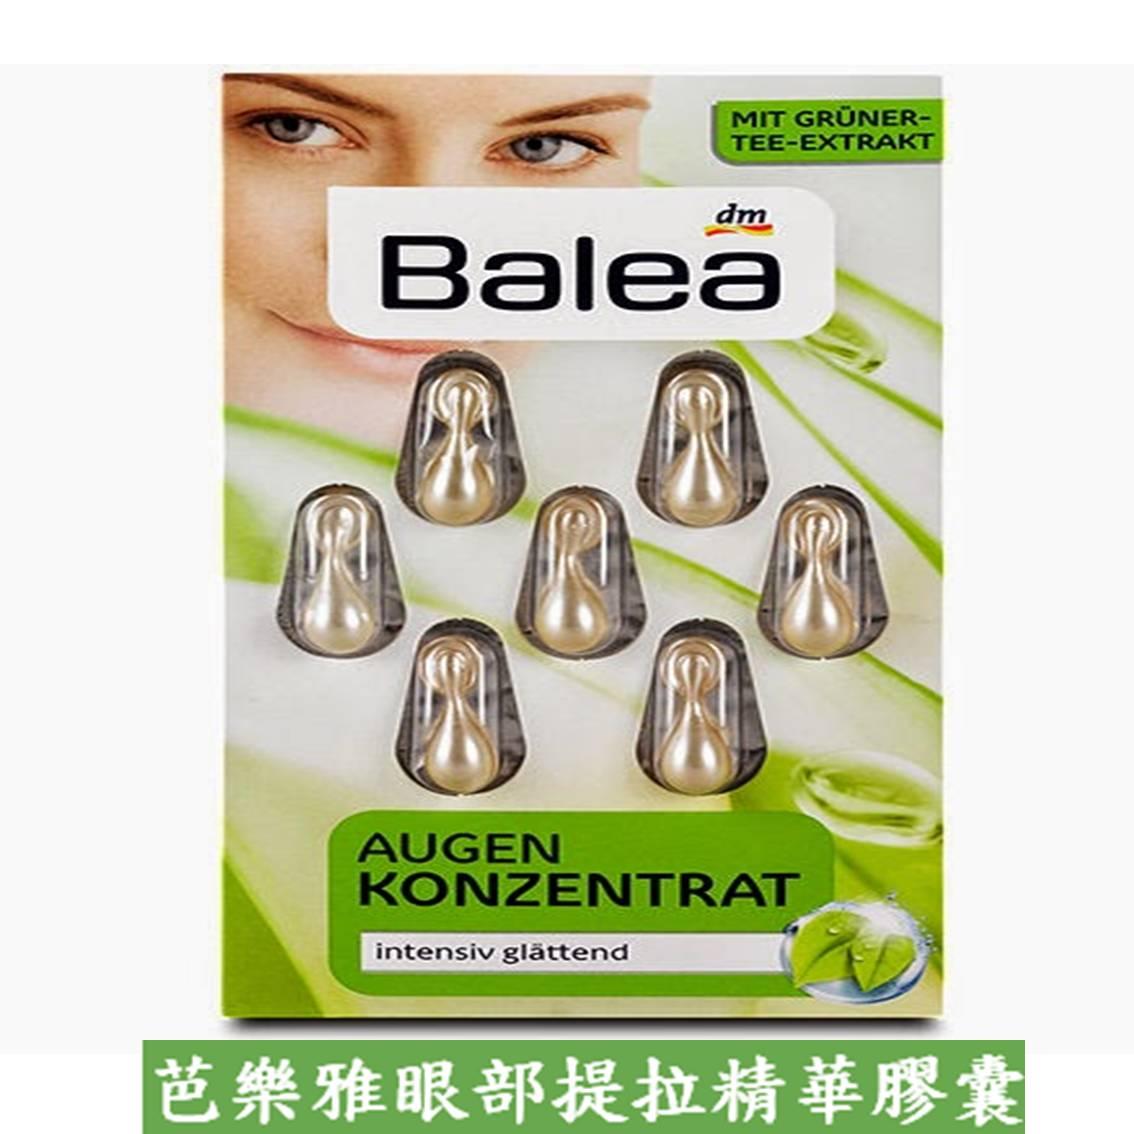 德國 Balea 芭樂雅眼部提拉精華膠囊  【樂活生活館】